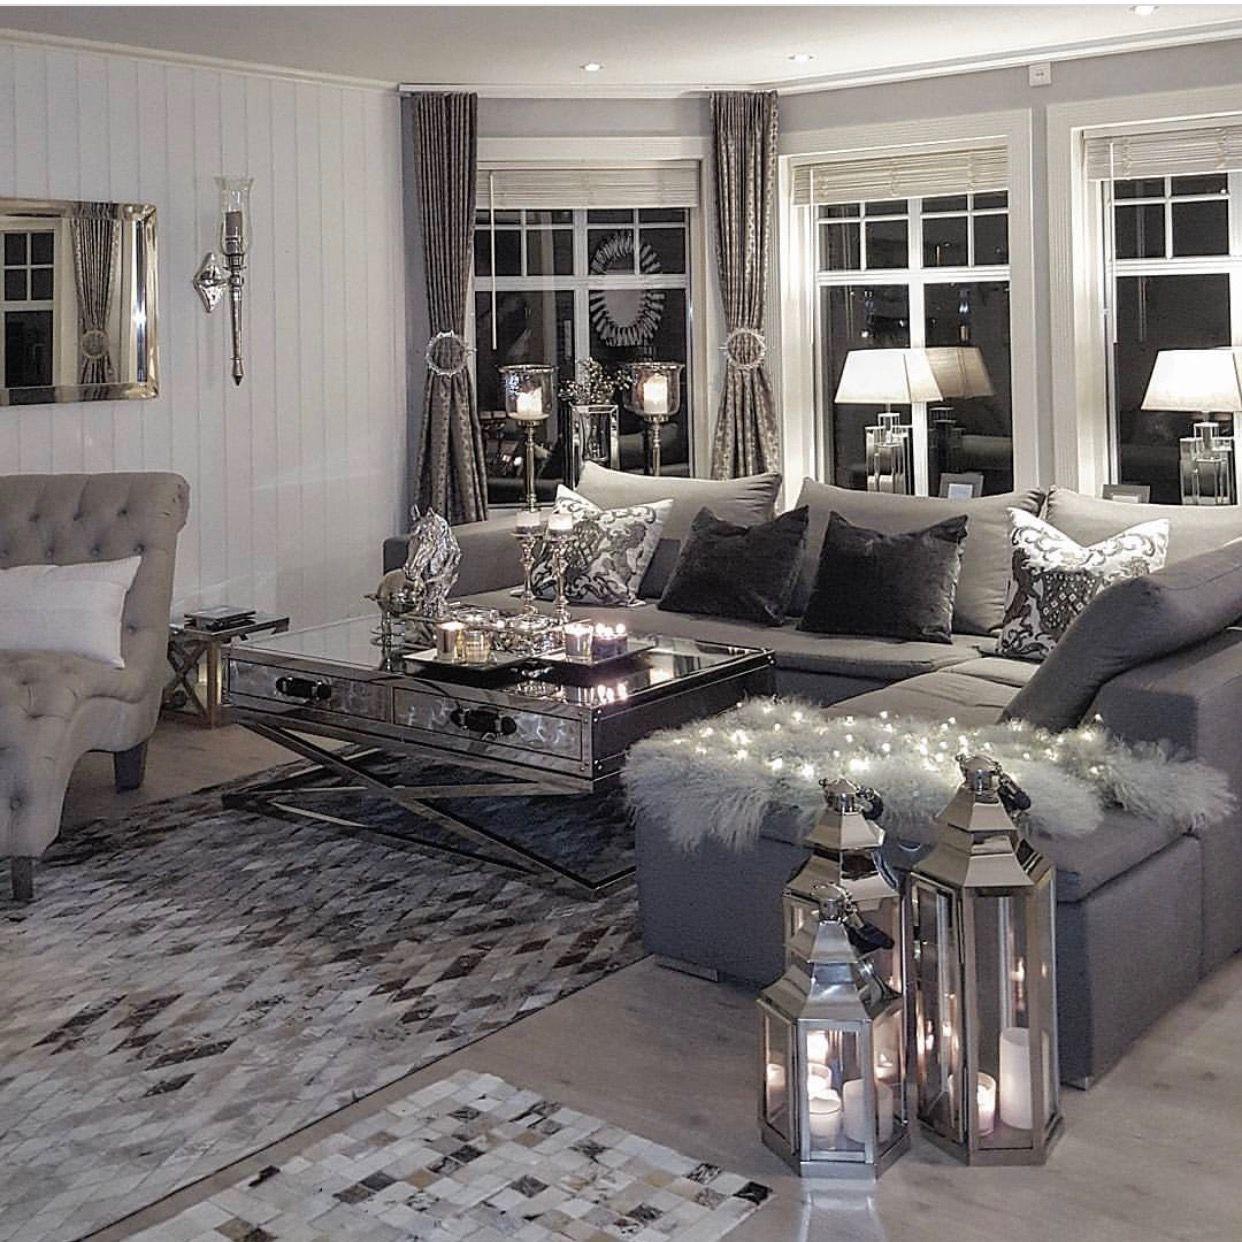 Sala de estar  sala de estar  Wohnzimmer Gemusterte teppiche y Wohnzimmer ideen